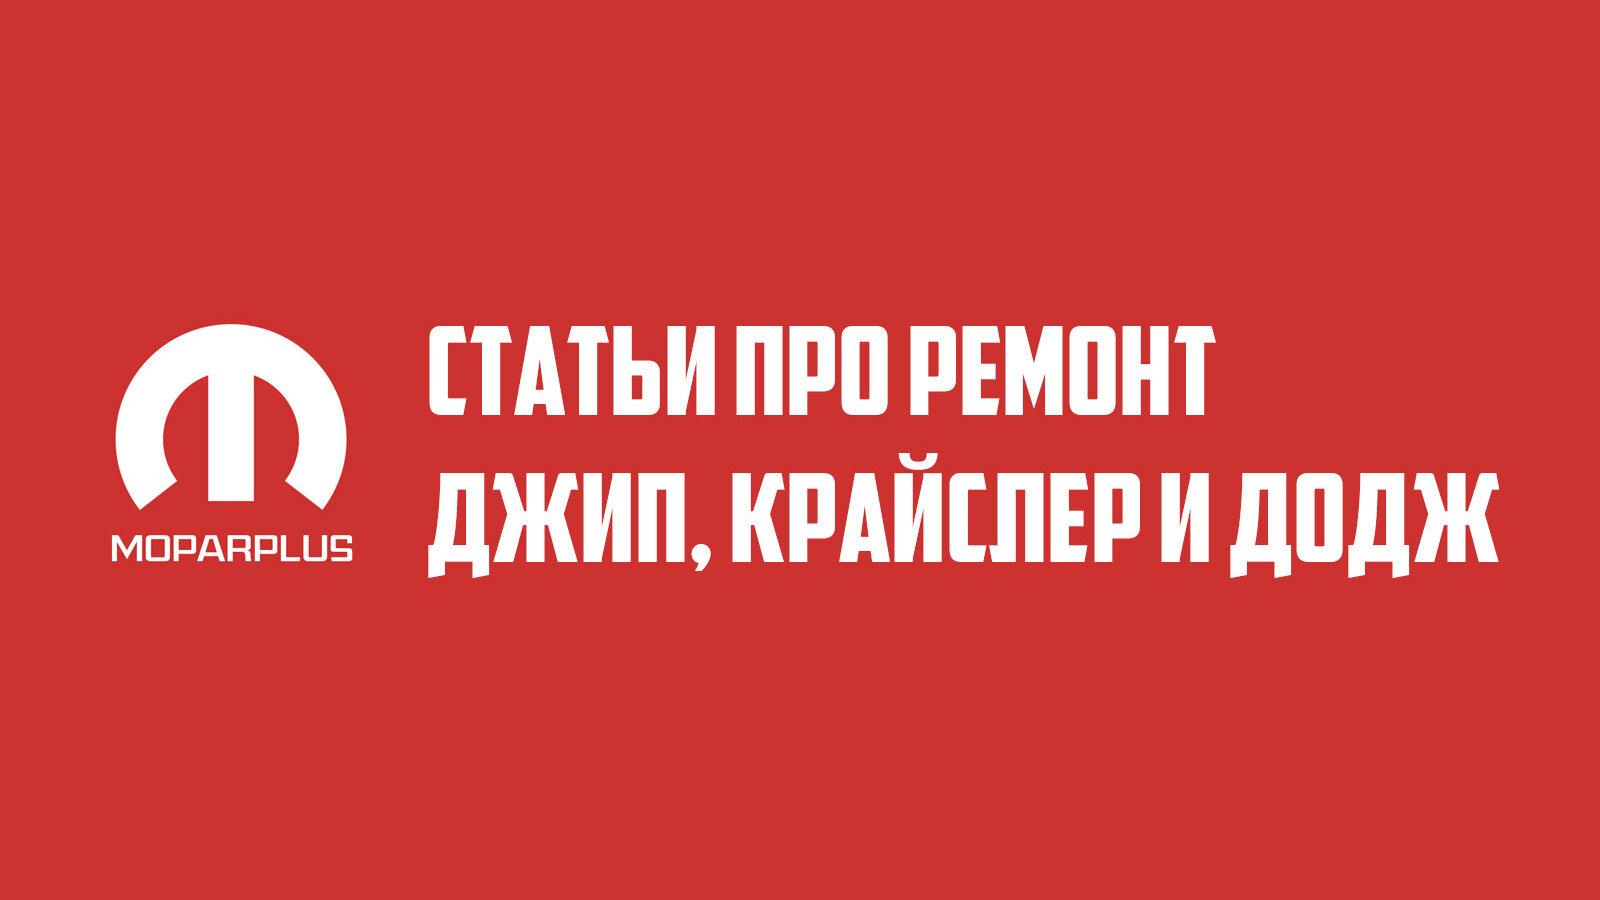 Статьи про ремонт. Выпуск №67.